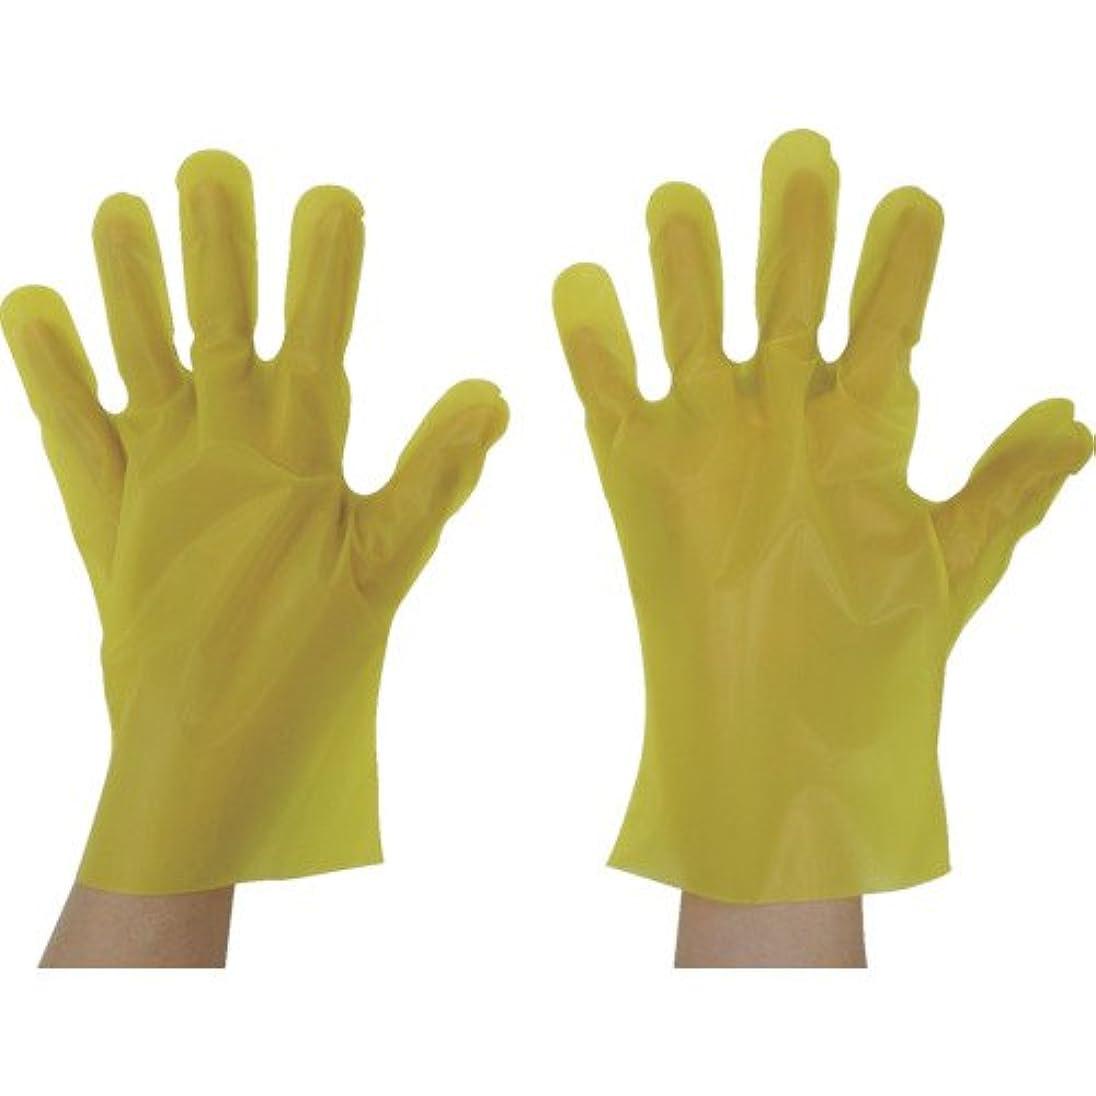 本質的に努力解読する東京パック エンボス手袋五本絞りエコノミー化粧箱M イエロー(入数:200枚) YEK-M